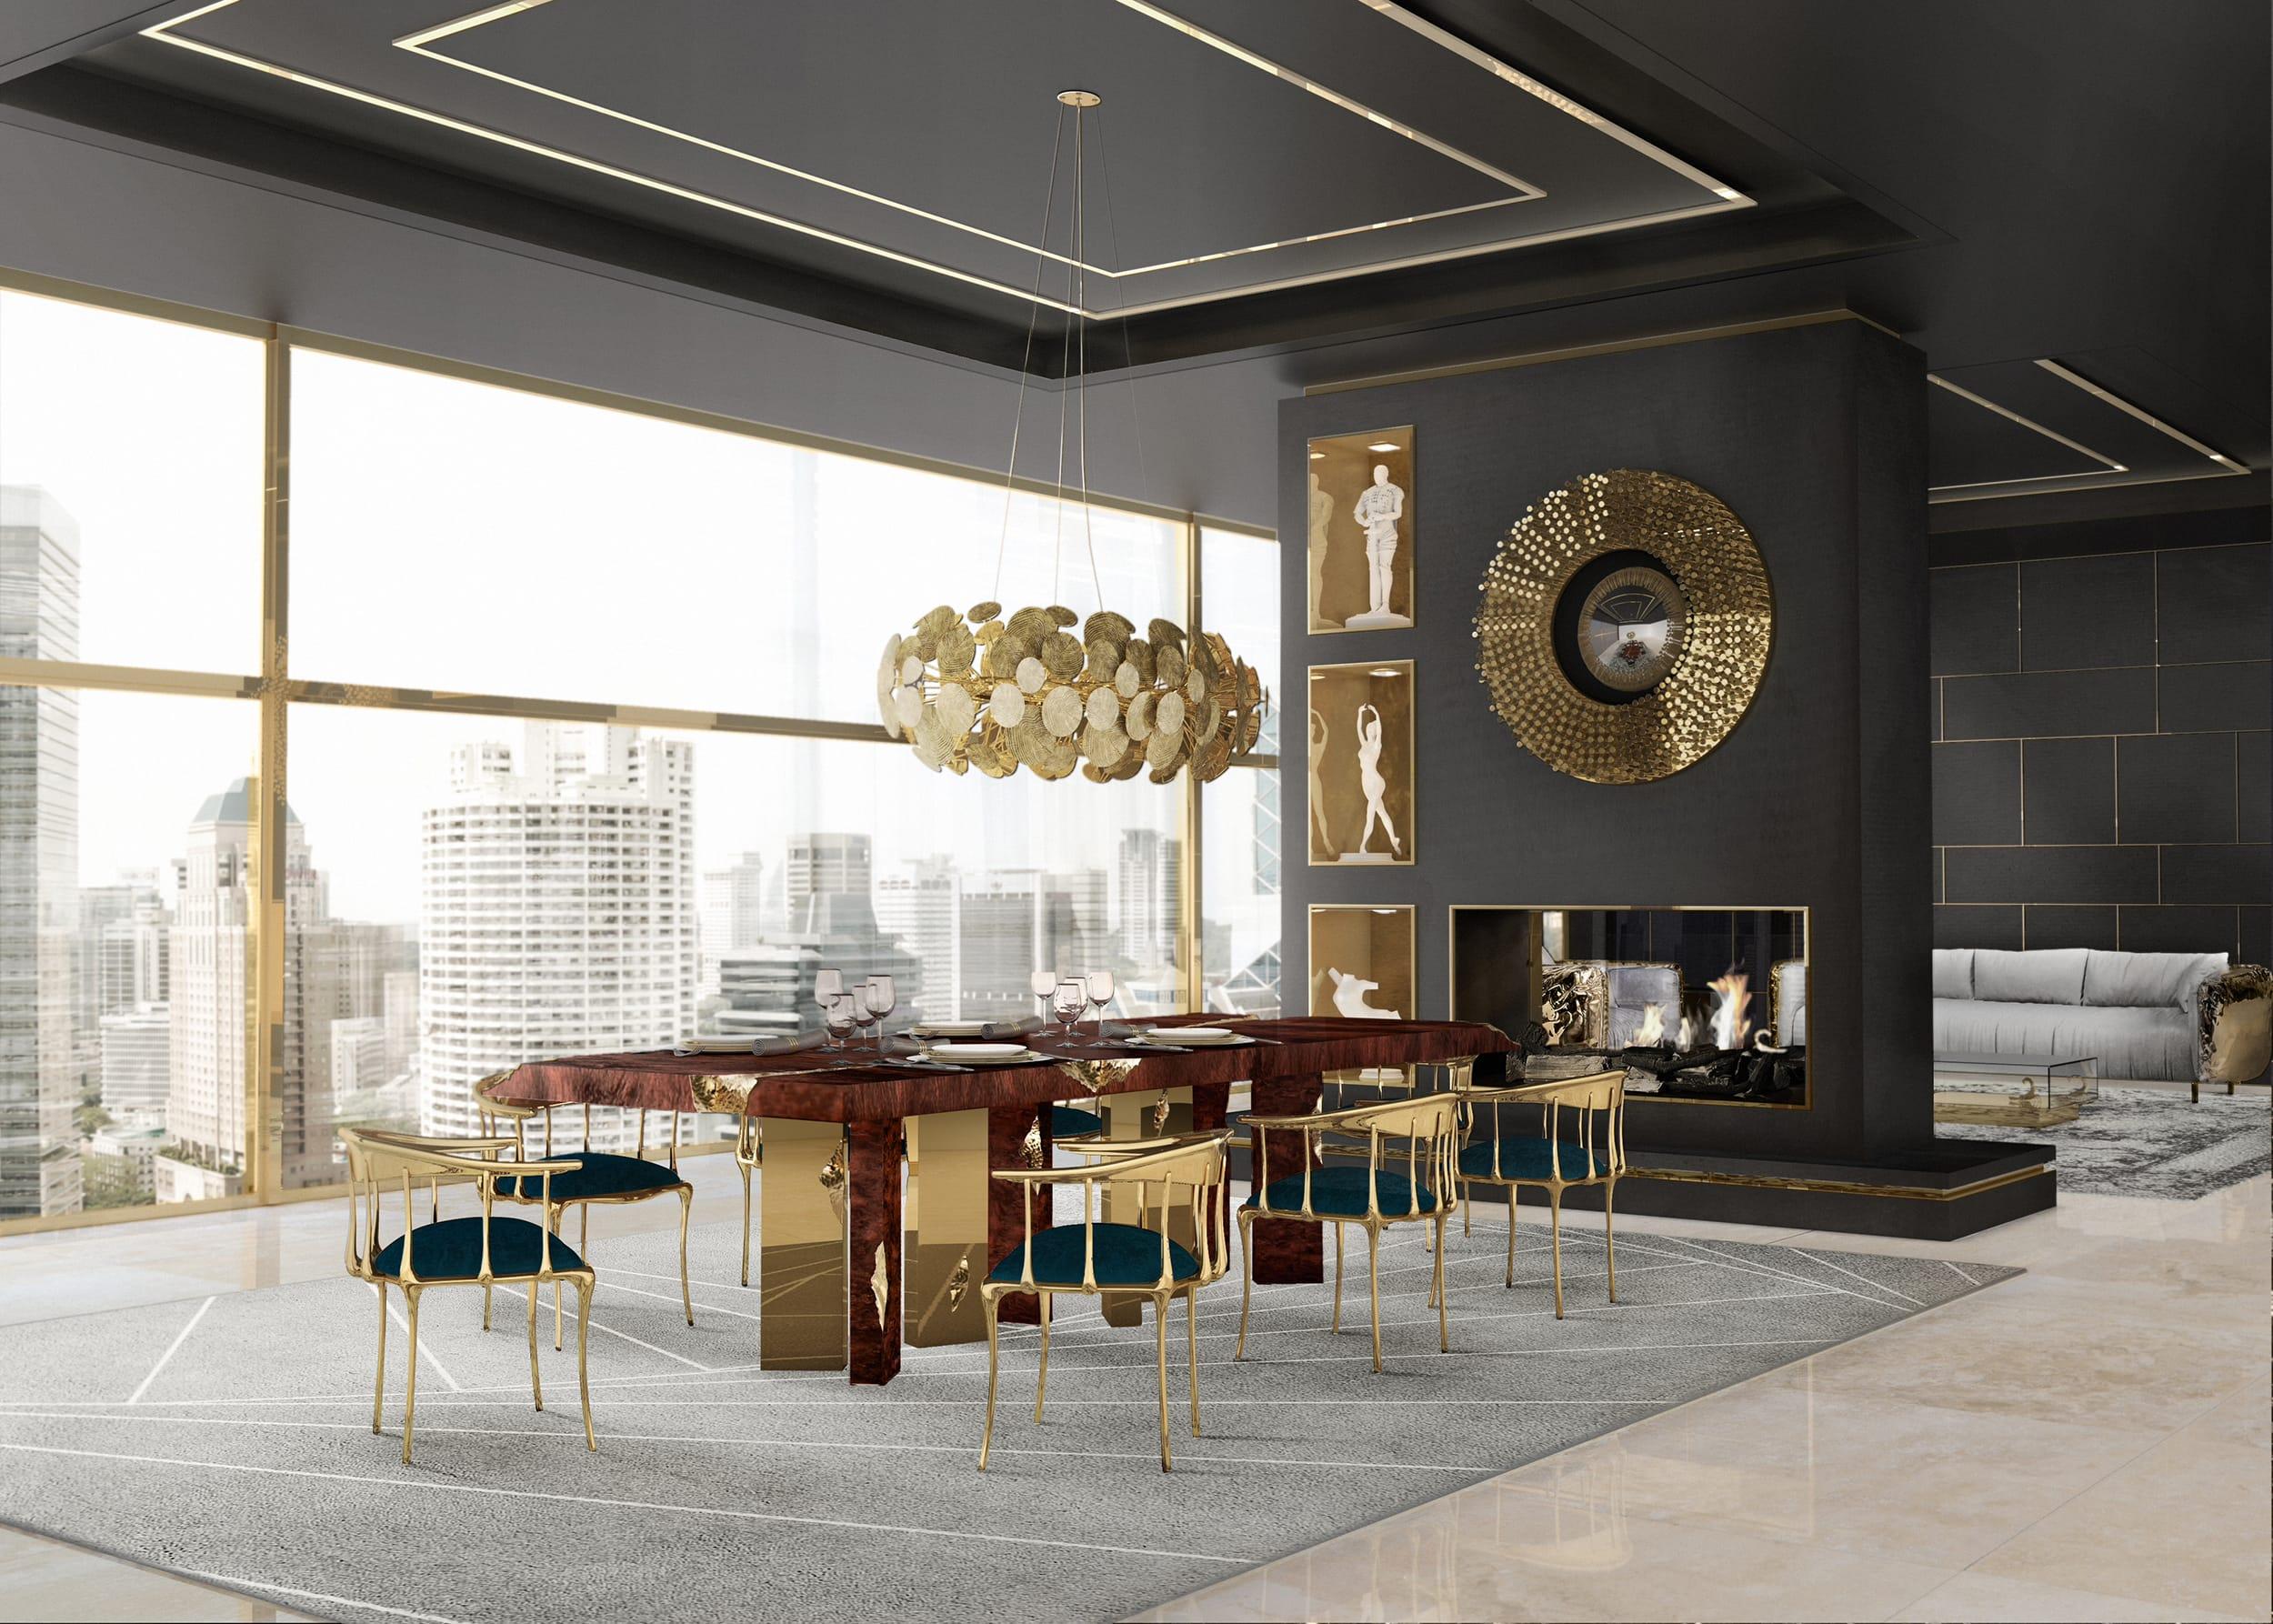 Esszimmer-Ideen Entdecken Sie Erstauliche Skadinavische Esszimmer-Ideen für den Herbst dining room ambience 01